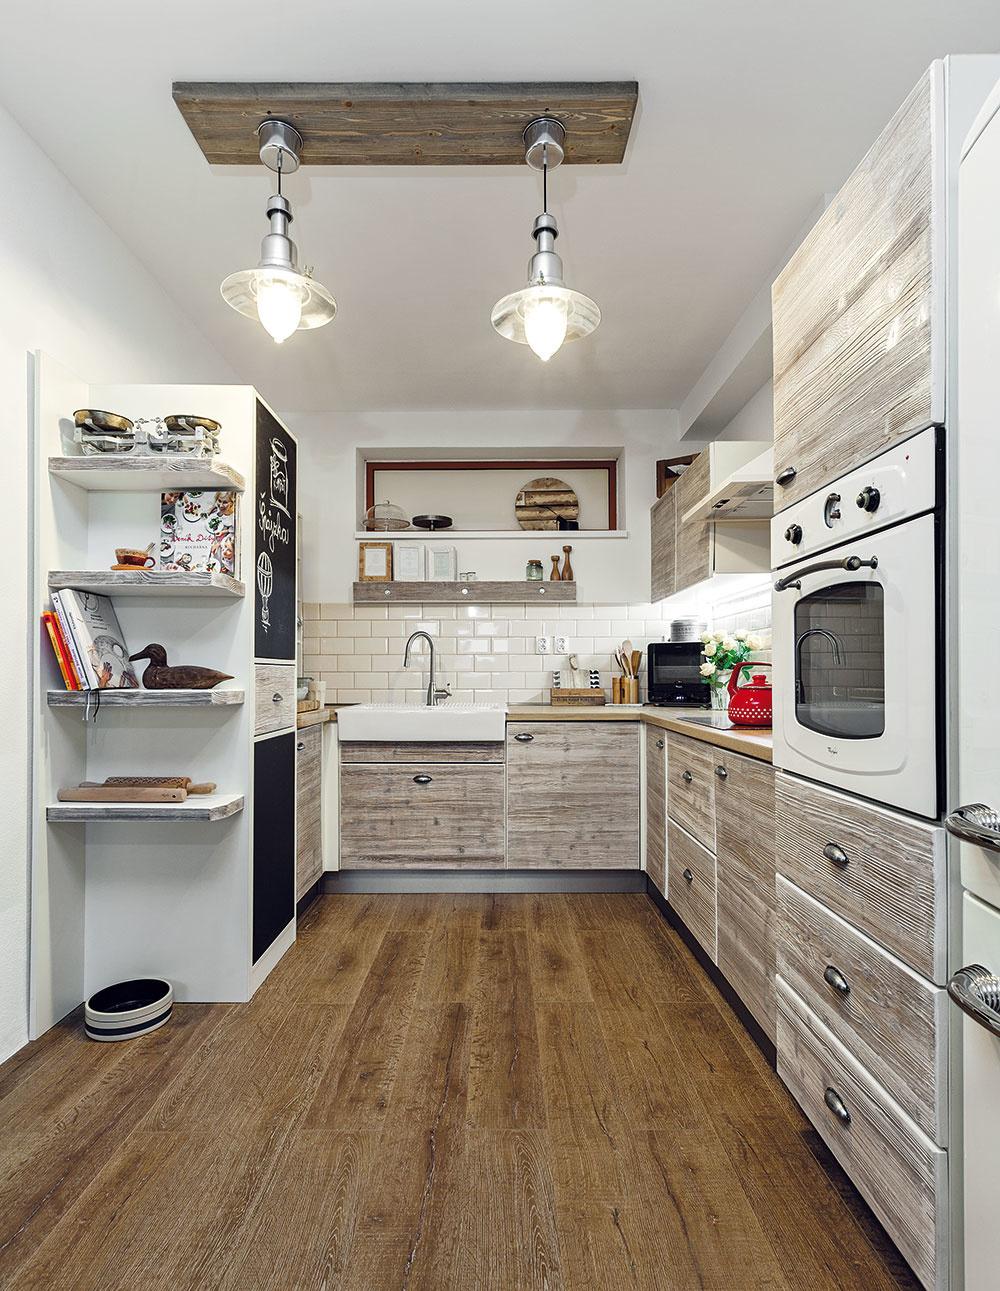 Ani lampy z IKEY nemusia pôsobiť opozerane a hromadne. Stačí ich umiestniť na inú základňu. Takú, ktorá sa hodí ku kuchyni, a svietidlá razom získajú úplne iný vzhľad. Jedinečný a originálny.